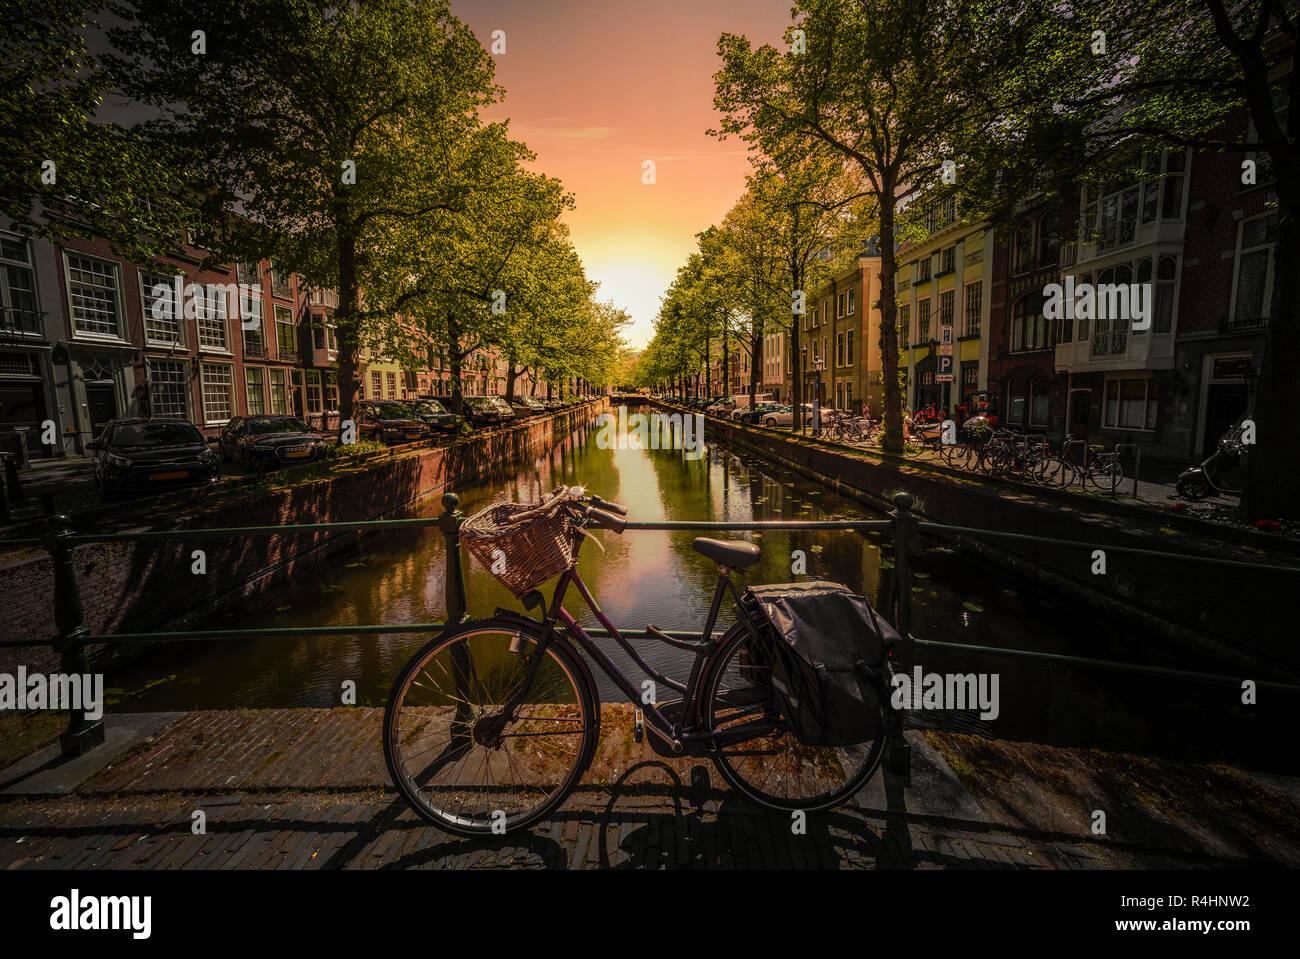 Scène emblématique d'Amsterdam avec le vélo garé sur un pont au-dessus d'un canal d'eau calme, Pays-Bas Banque D'Images